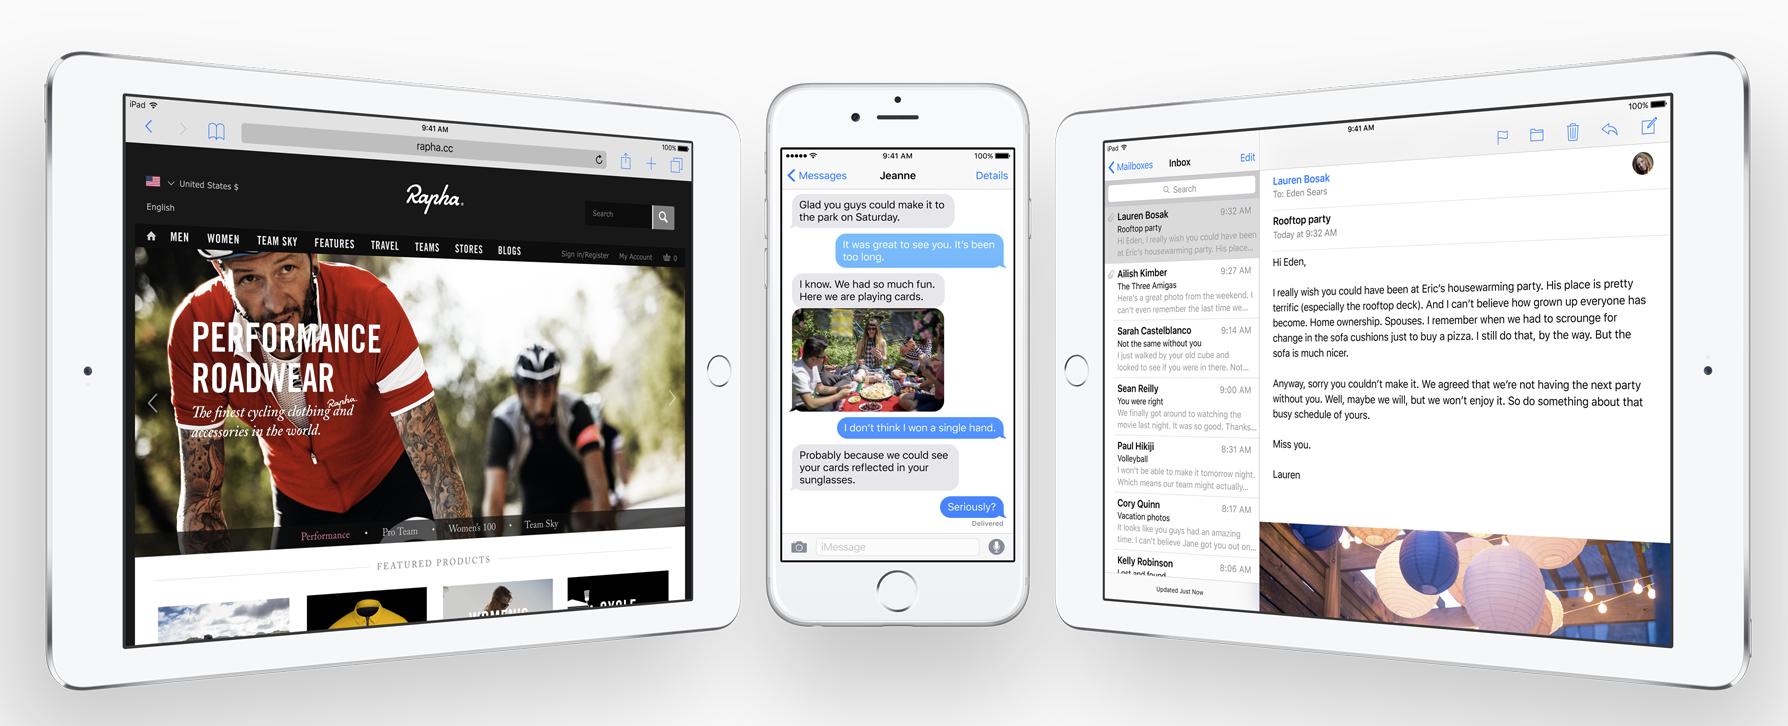 iOS 9 beta na iPhonie. Sprawdzamy, co nowego ma dla nas Apple